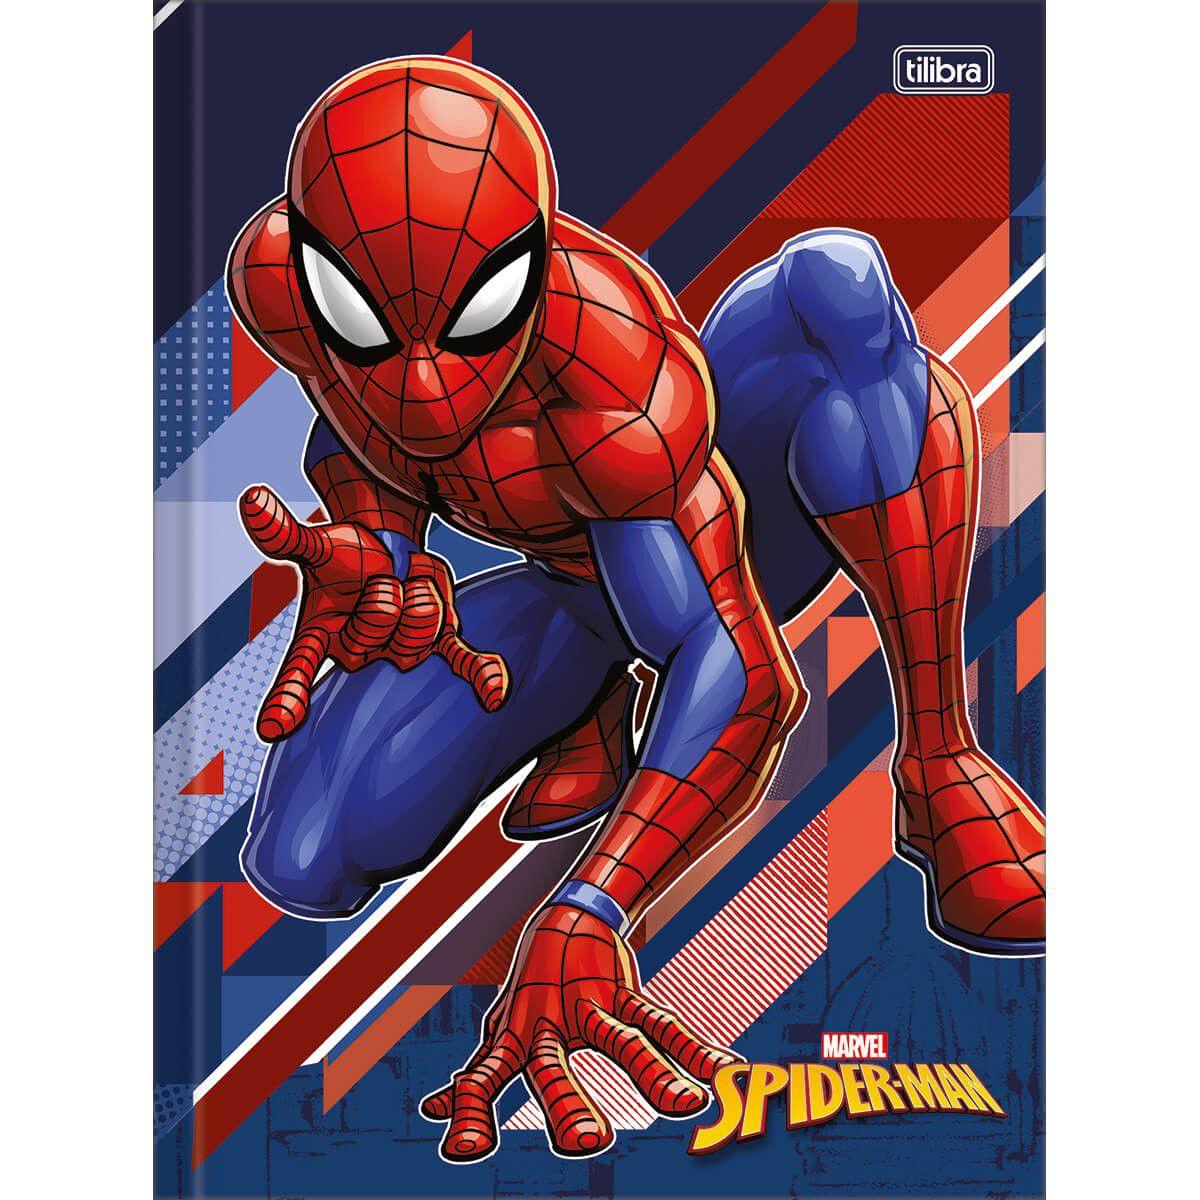 Caderno Tilibra Capa Dura Costurado Universitário 48 Fls Spider Man 143979 27848